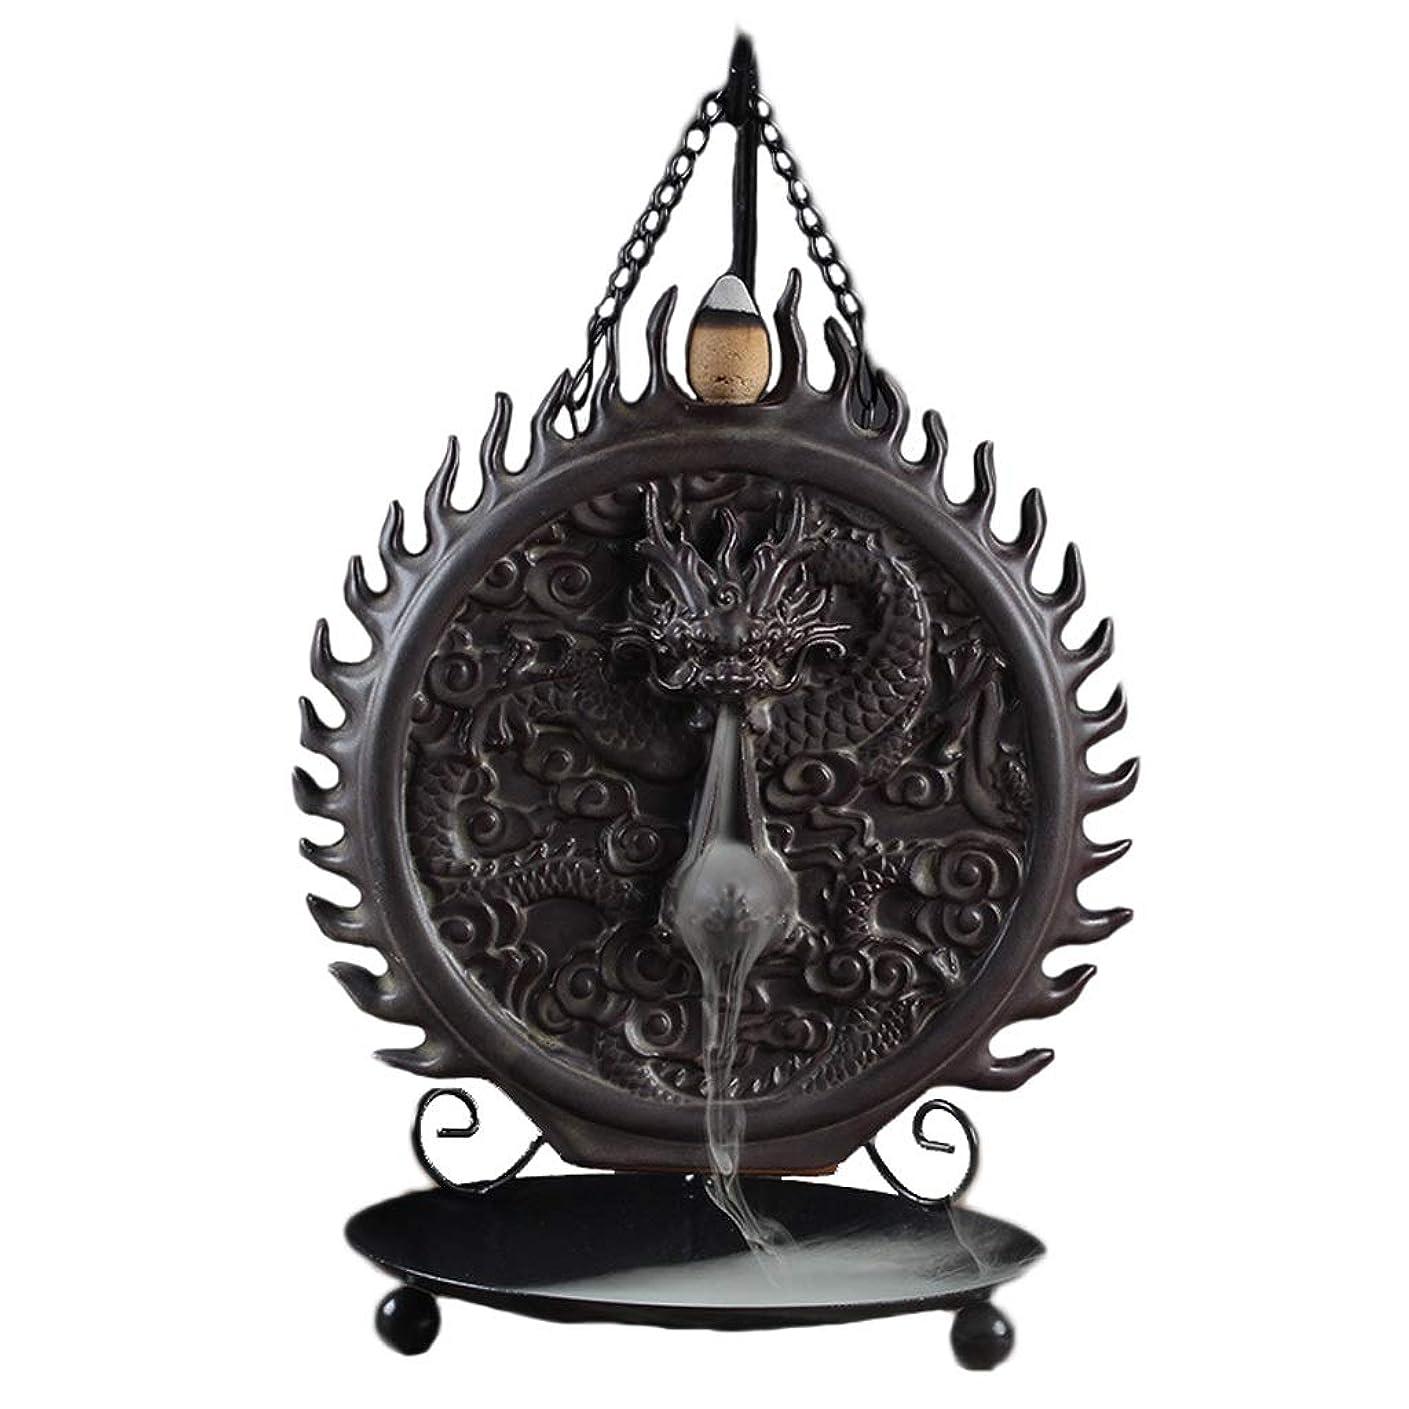 逆流香ホルダーセラミック吊りドラゴンディスク逆流香バーナーアロマテラピー炉香バーナーホルダー (Color : Black, サイズ : 16*24cm)